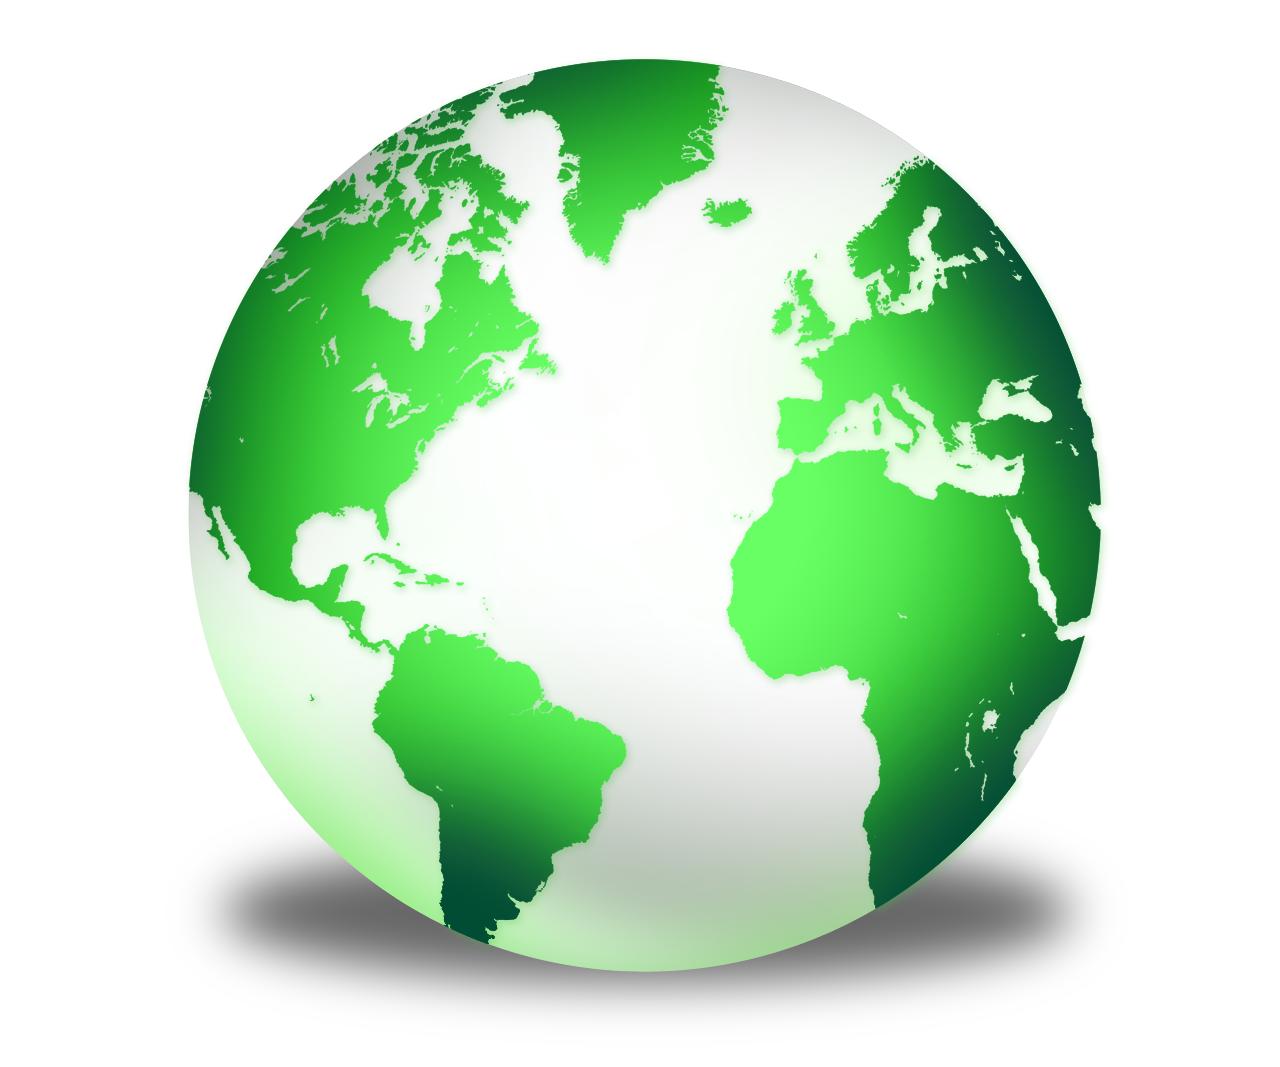 15 World Globe Icon.png Images - World Globe Icon, Globe ...